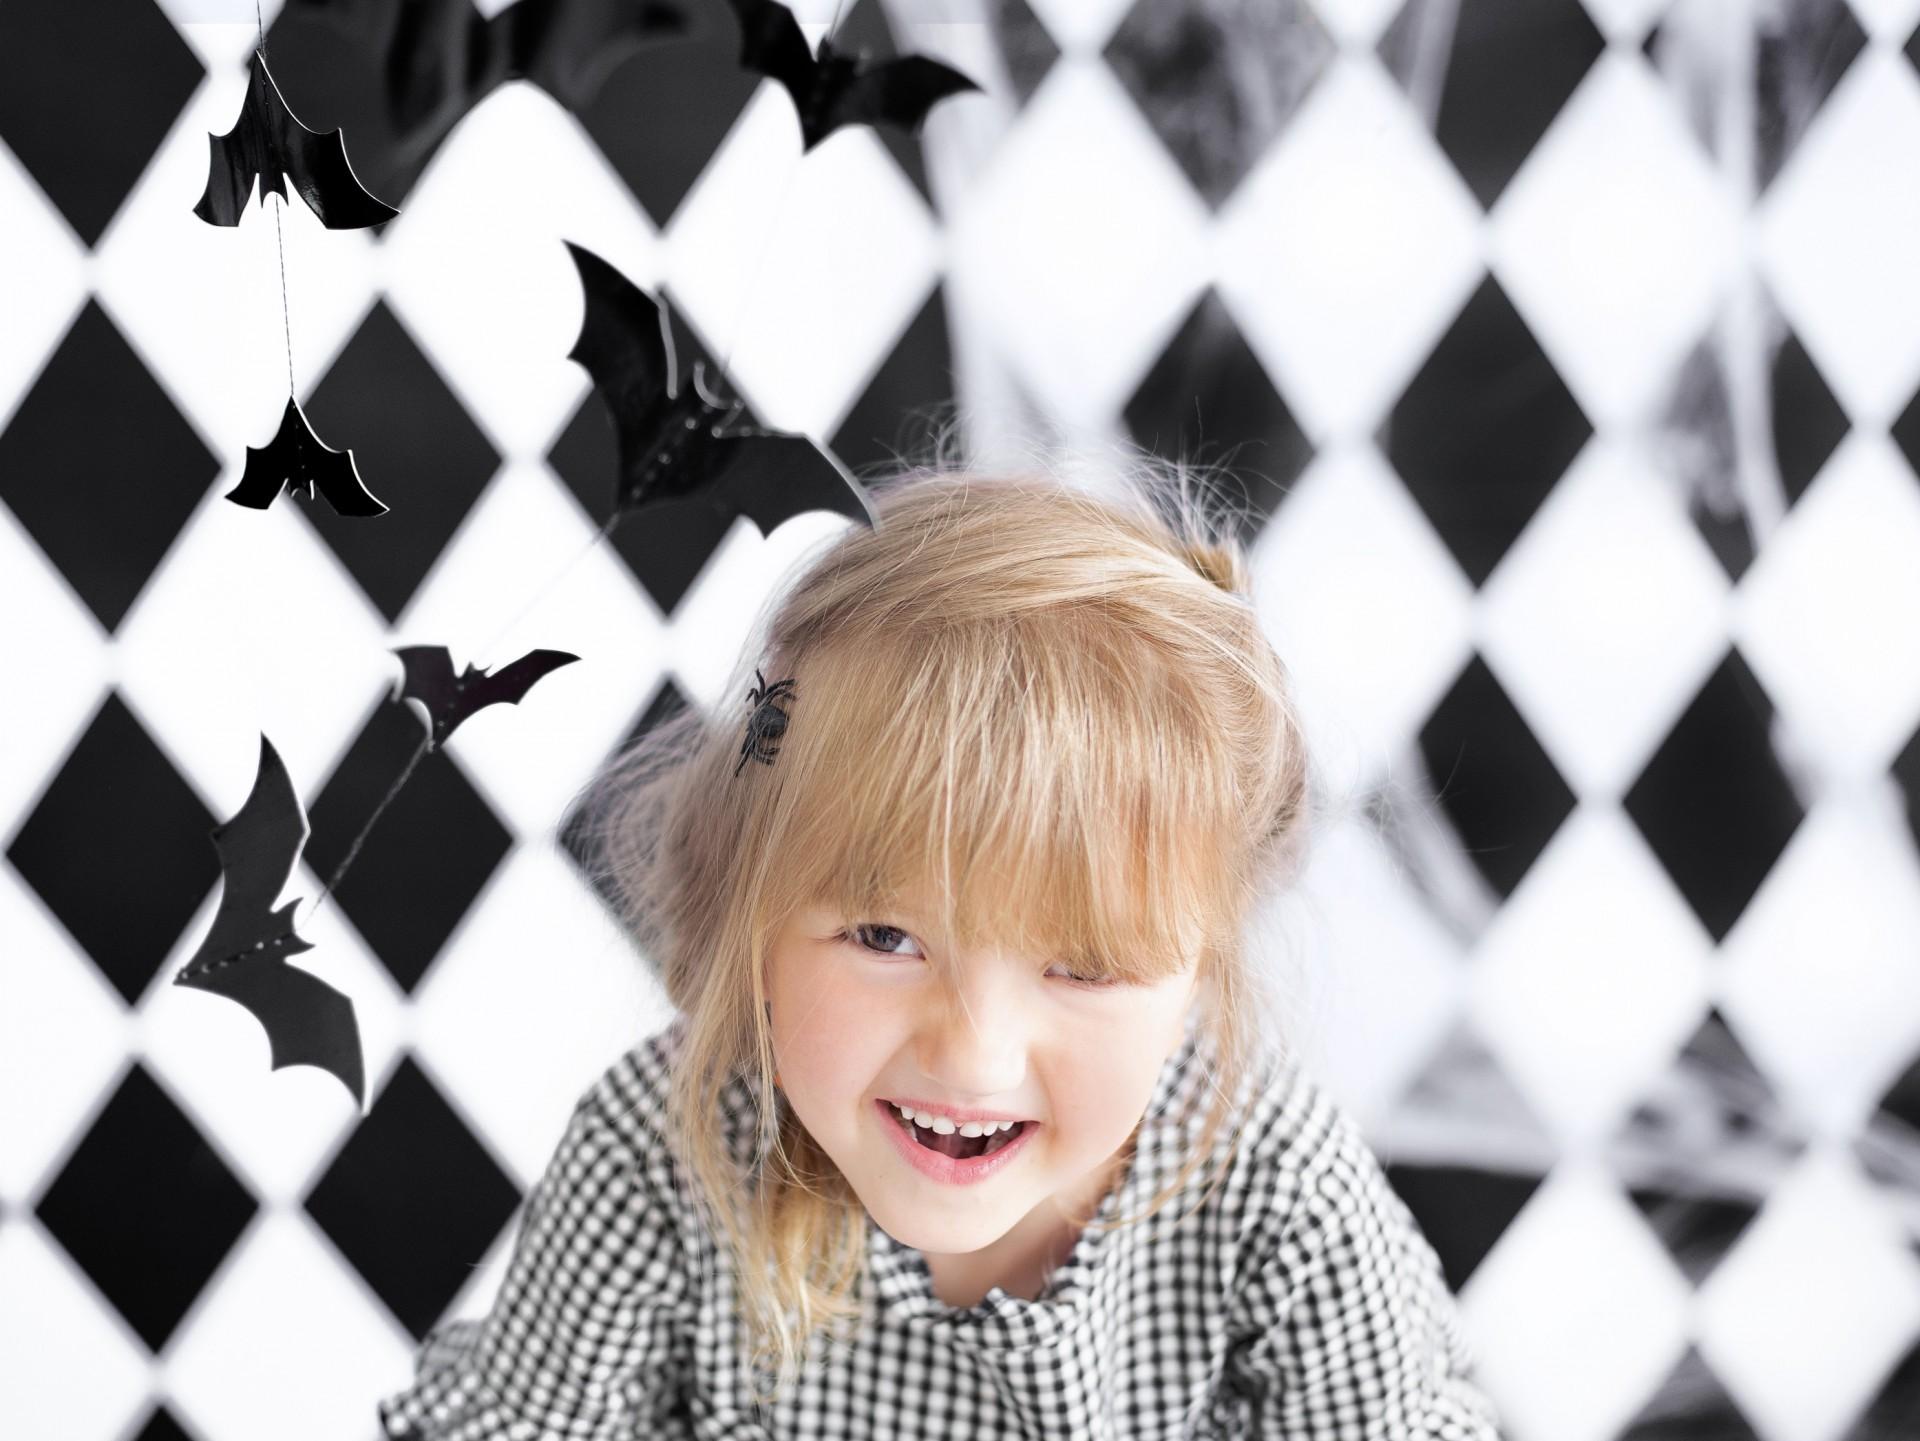 Grinalda morcegos